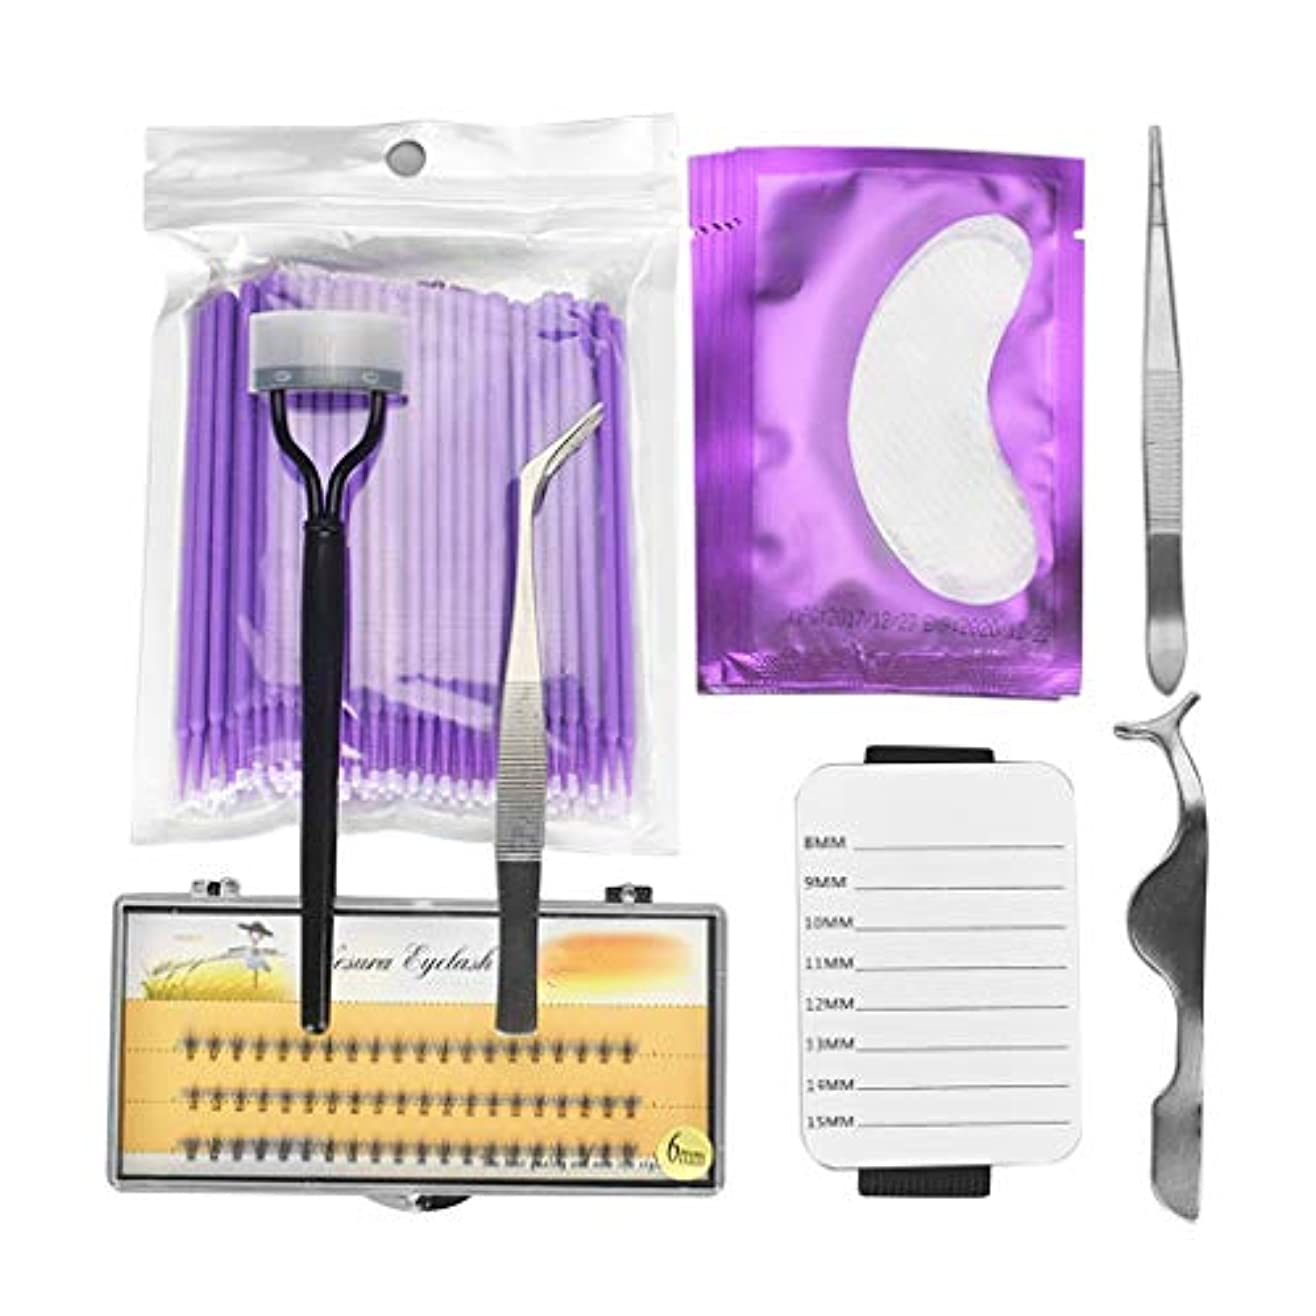 中級溶けたイル全5色 アイメイク ラッシュ延長 つけまつげ 精密ピンセット ツイーザー まつげパレットホルダー - 紫